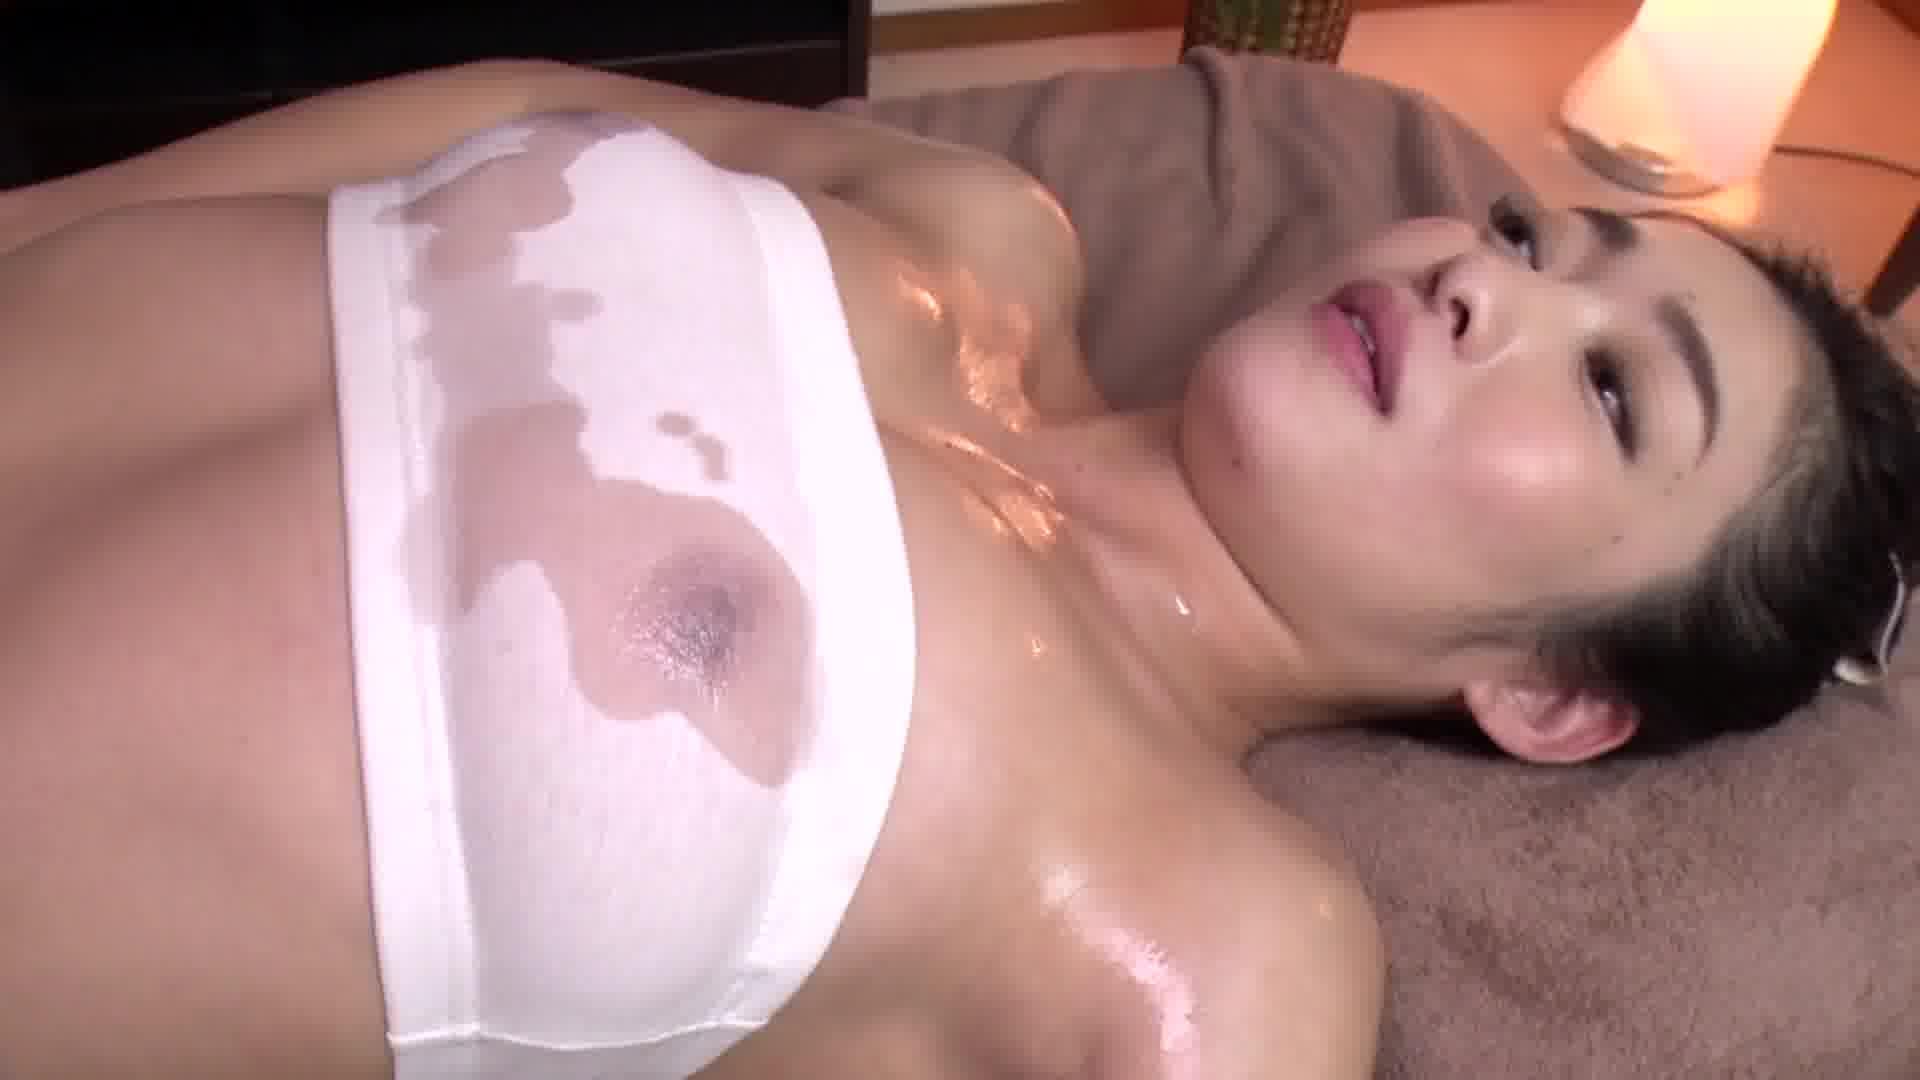 りゅうのヌルヌルを召し上がれ - 江波りゅう【痴女・巨乳・中出し】